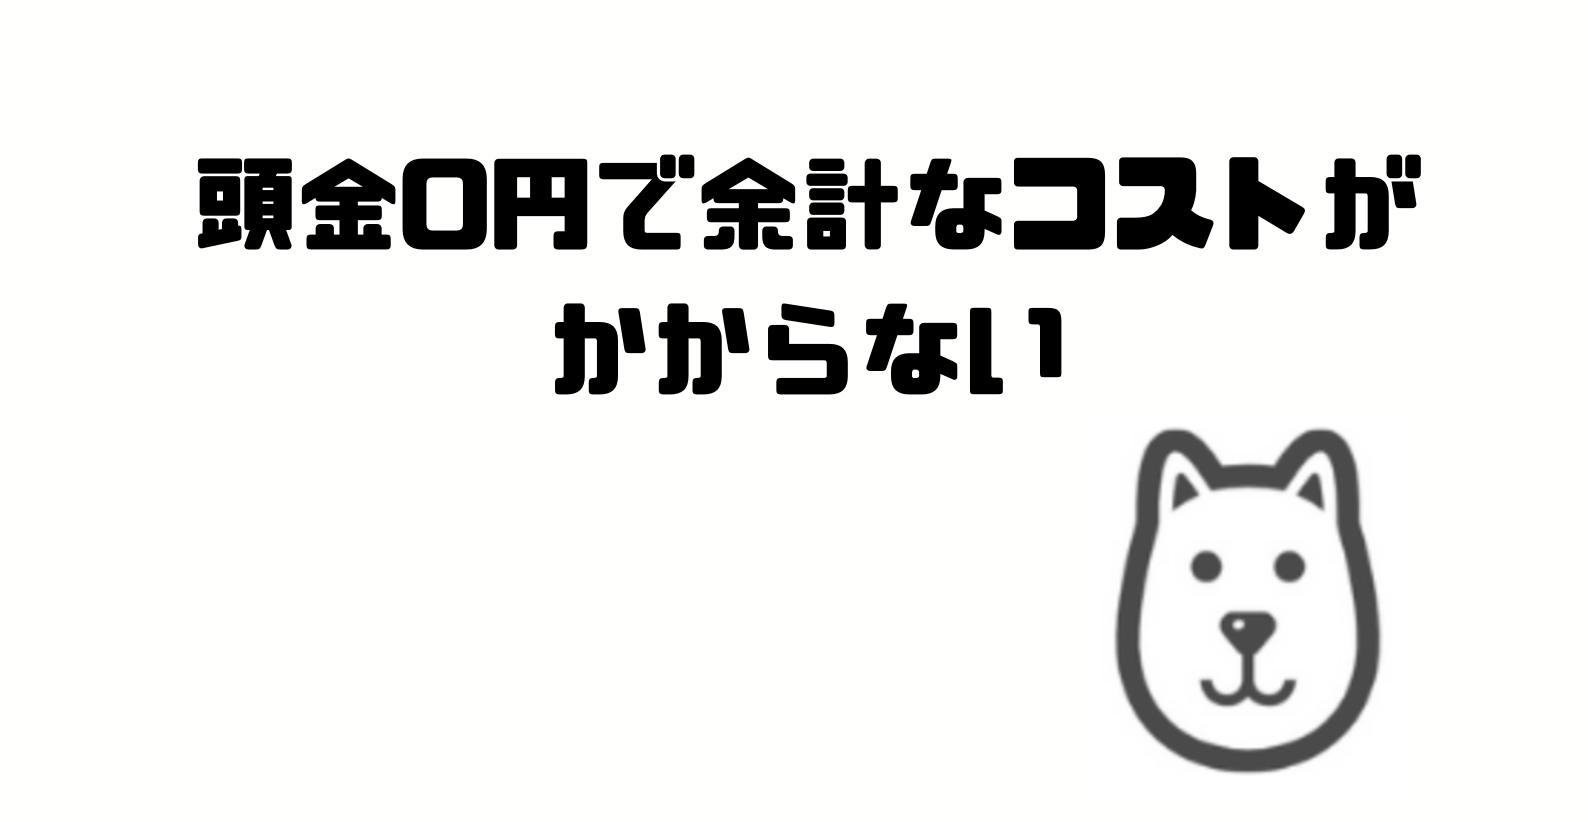 ソフトバンクオンラインショップ_SoftBank_ソフトバンク_オンラインショップ限定_頭金0円_コスト